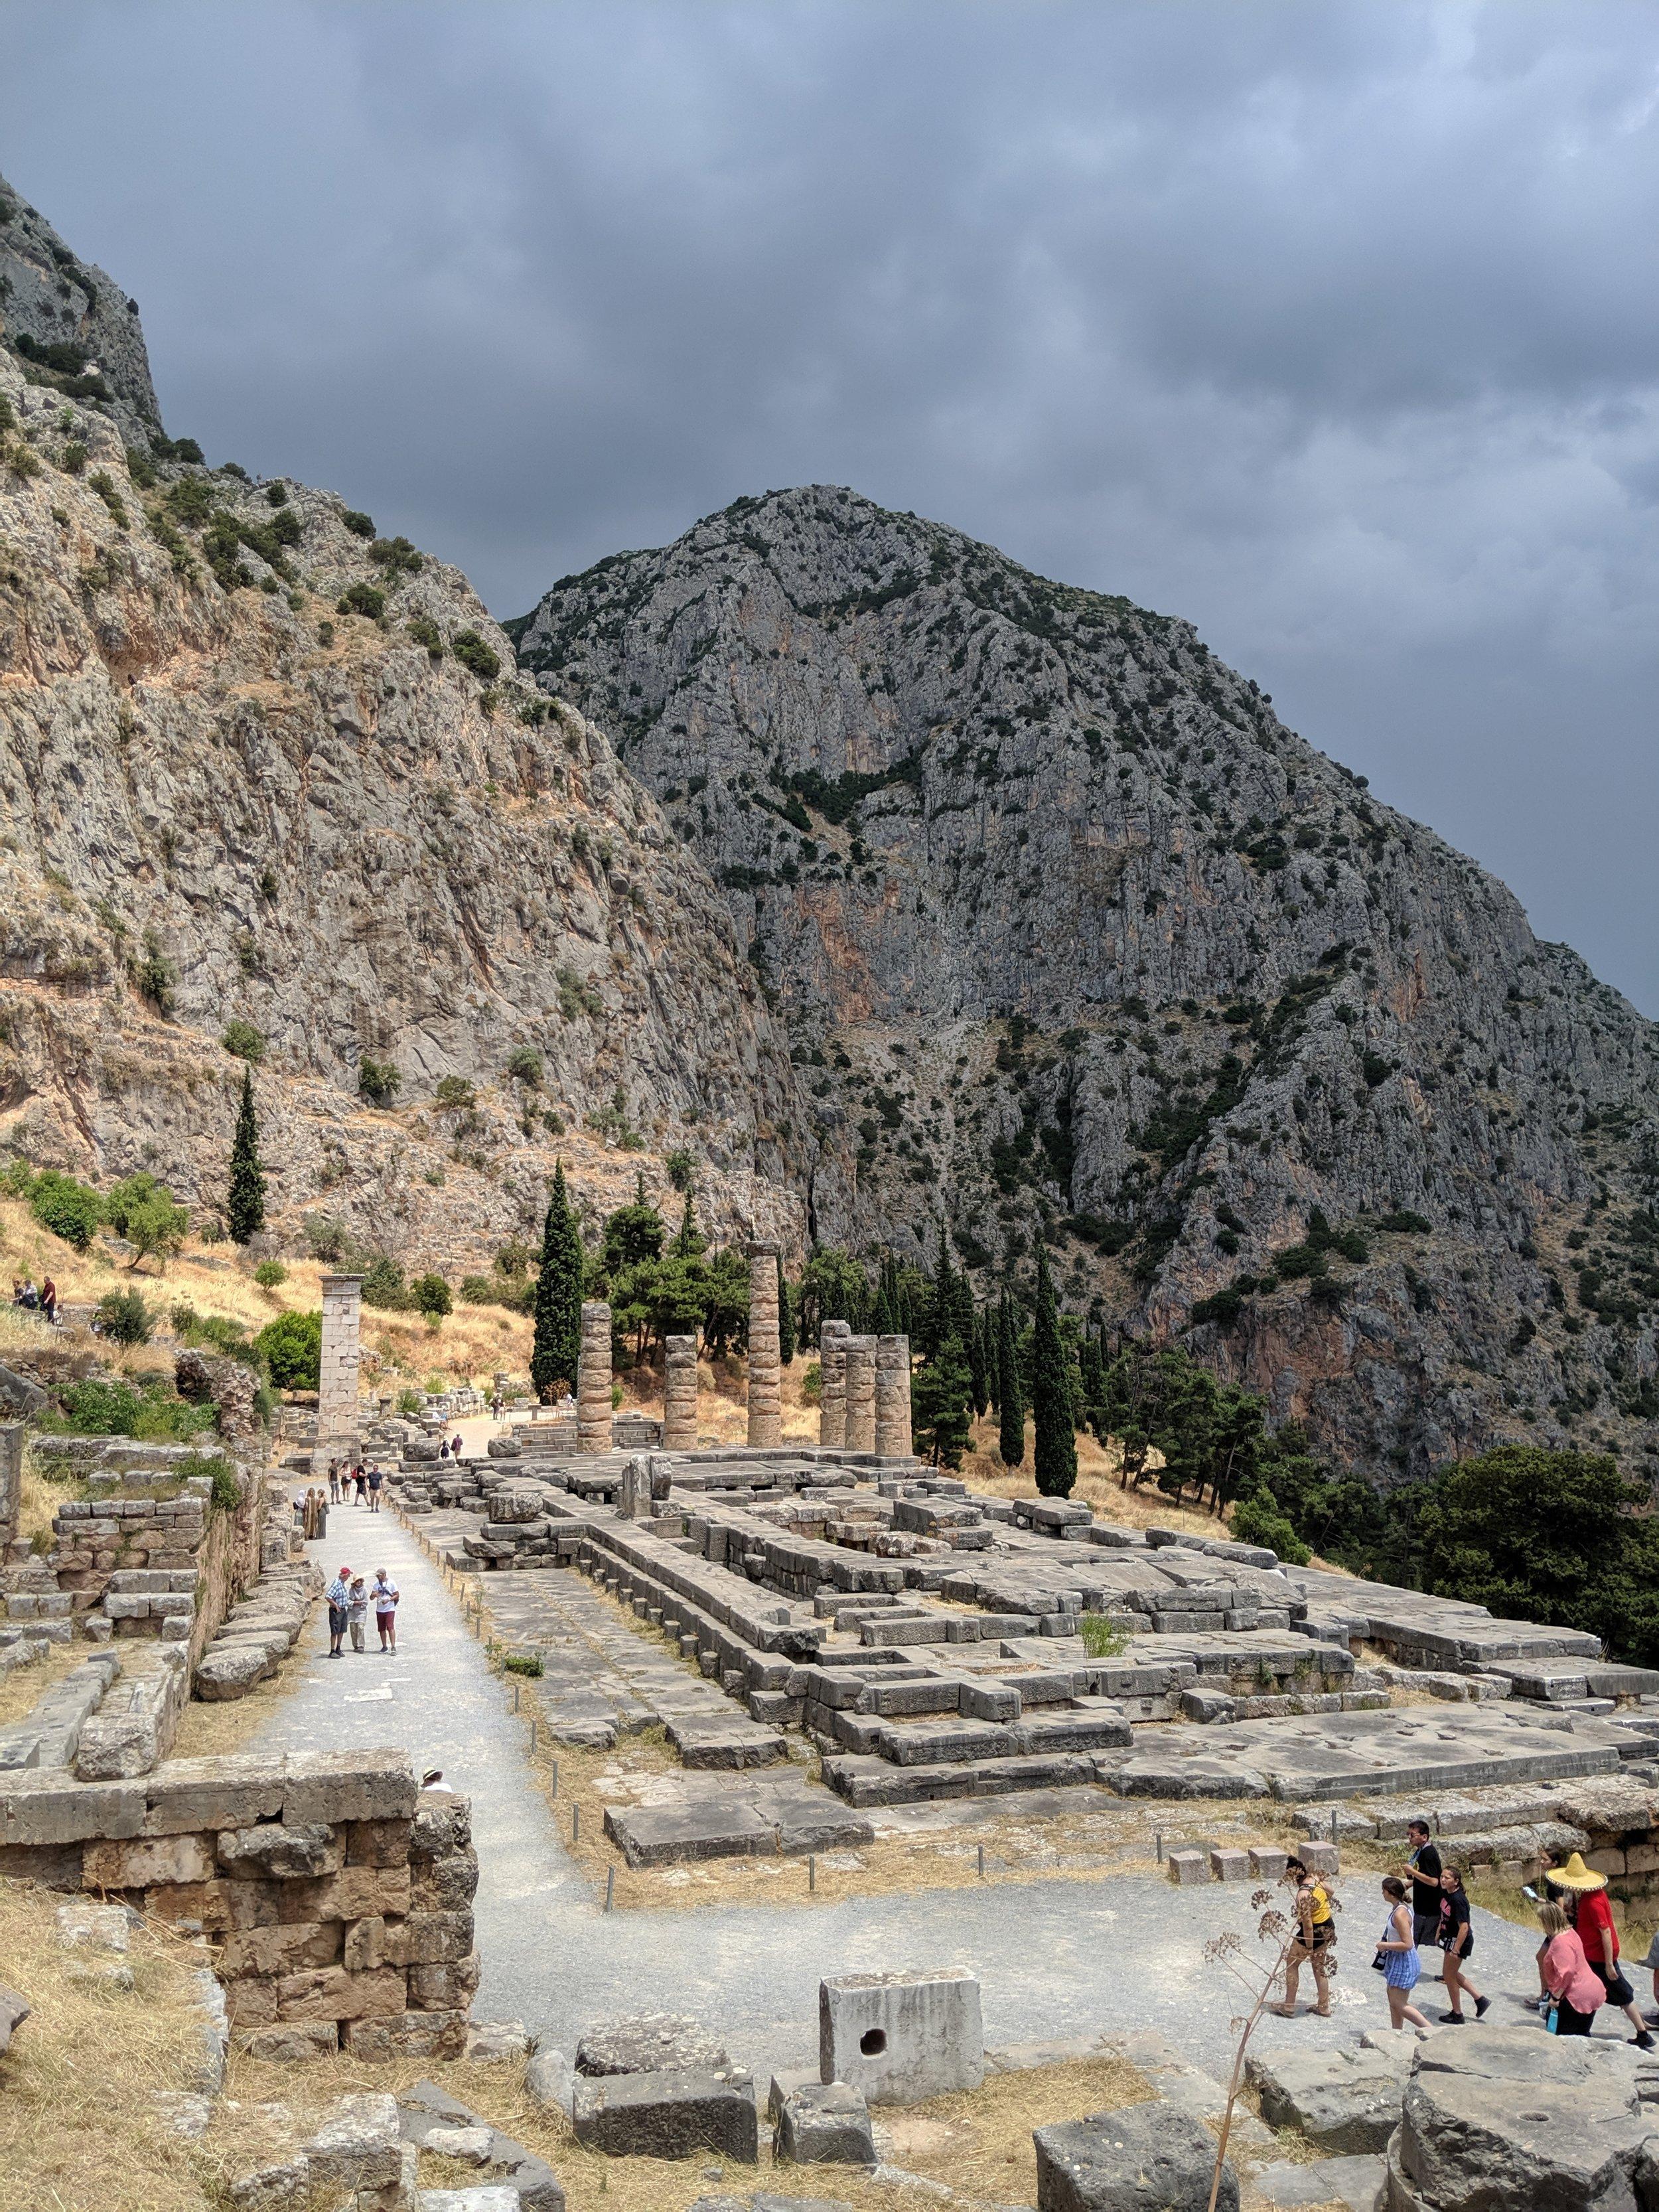 2019-06-20 13.47.14-temple-apollo-delphi.jpg